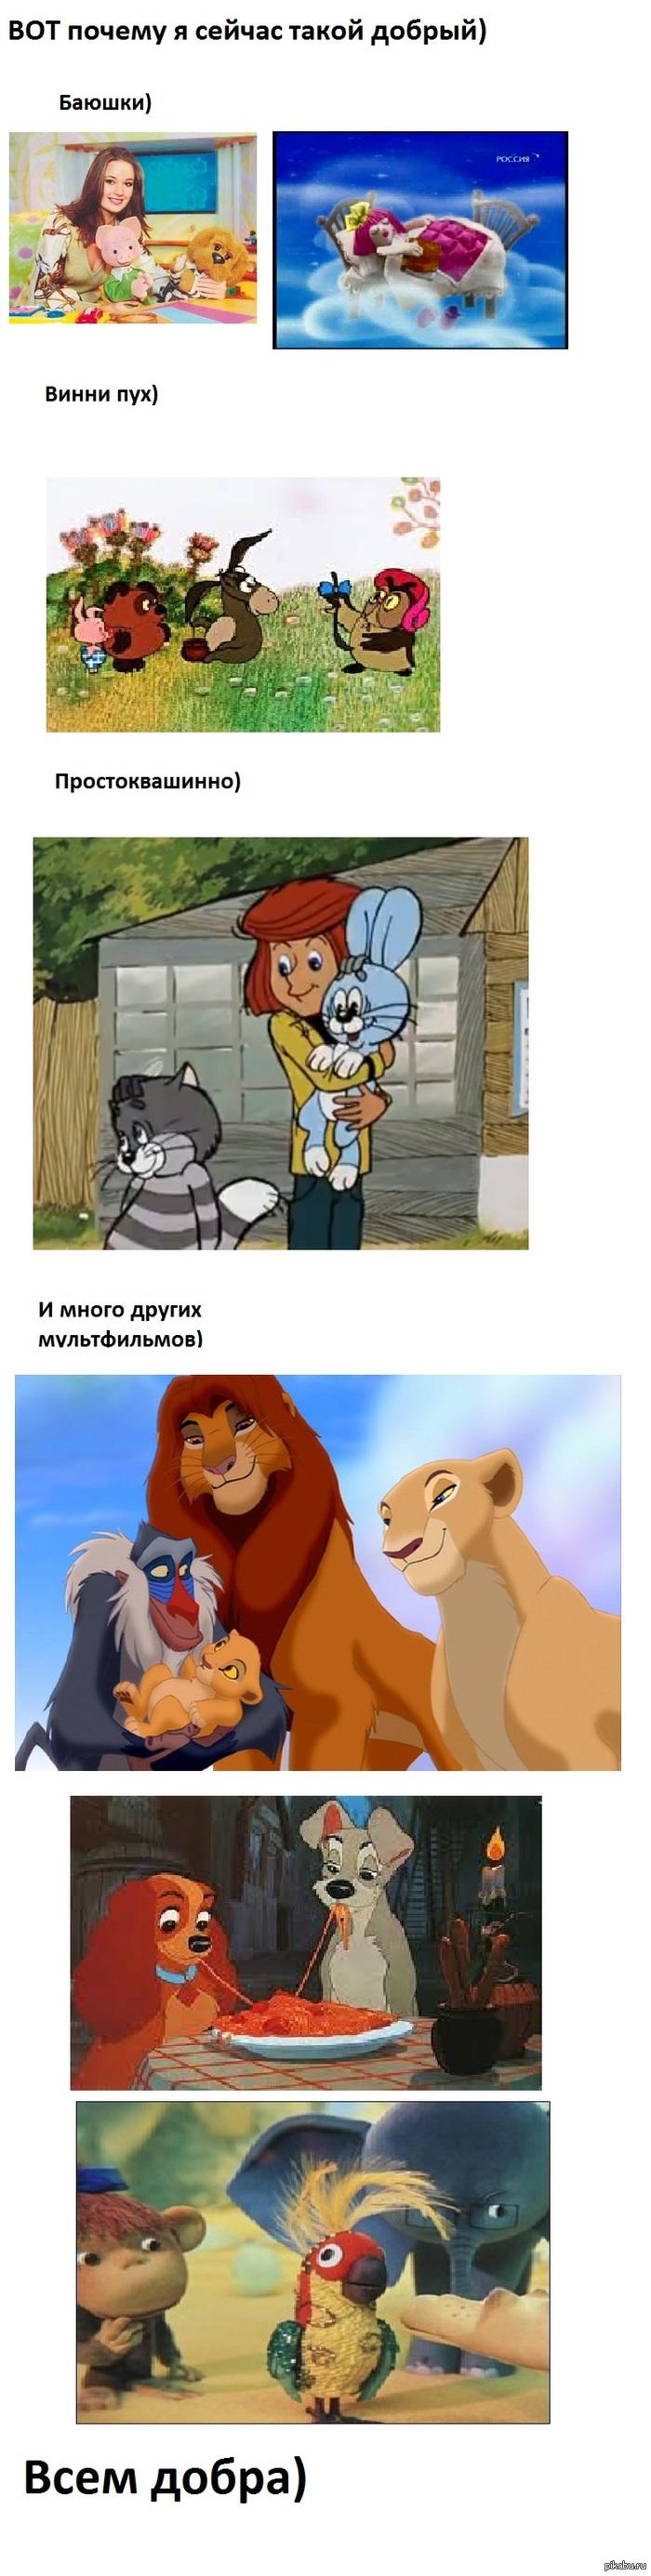 аватар 3 сезон 18 серия: